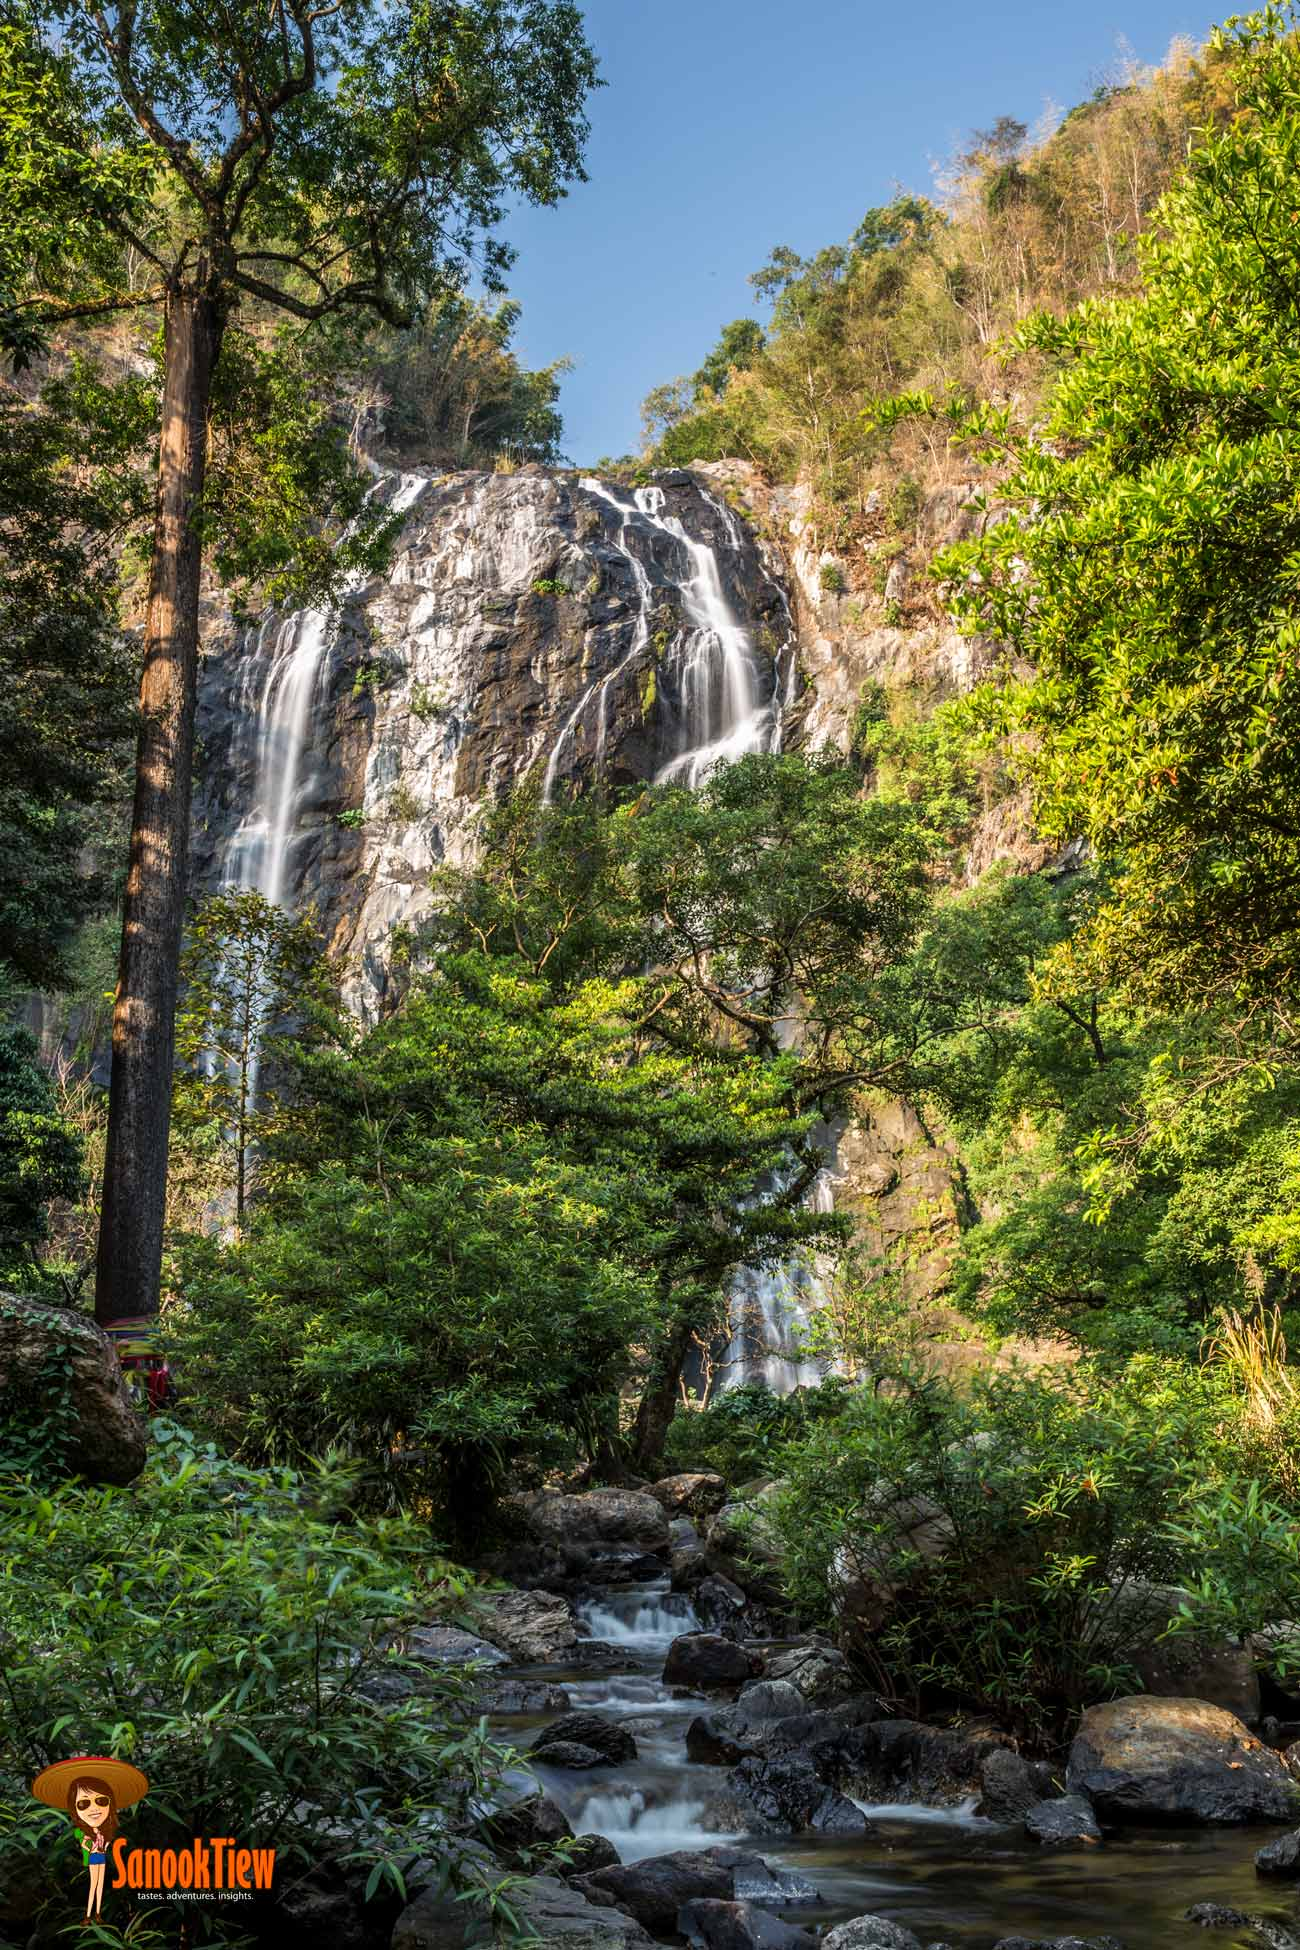 เที่ยว น้ำตกคลองลาน ชมวิว จุดชมวิวกิ่วงวงช้าง ที่ อุทยานแห่งชาติคลองลาน